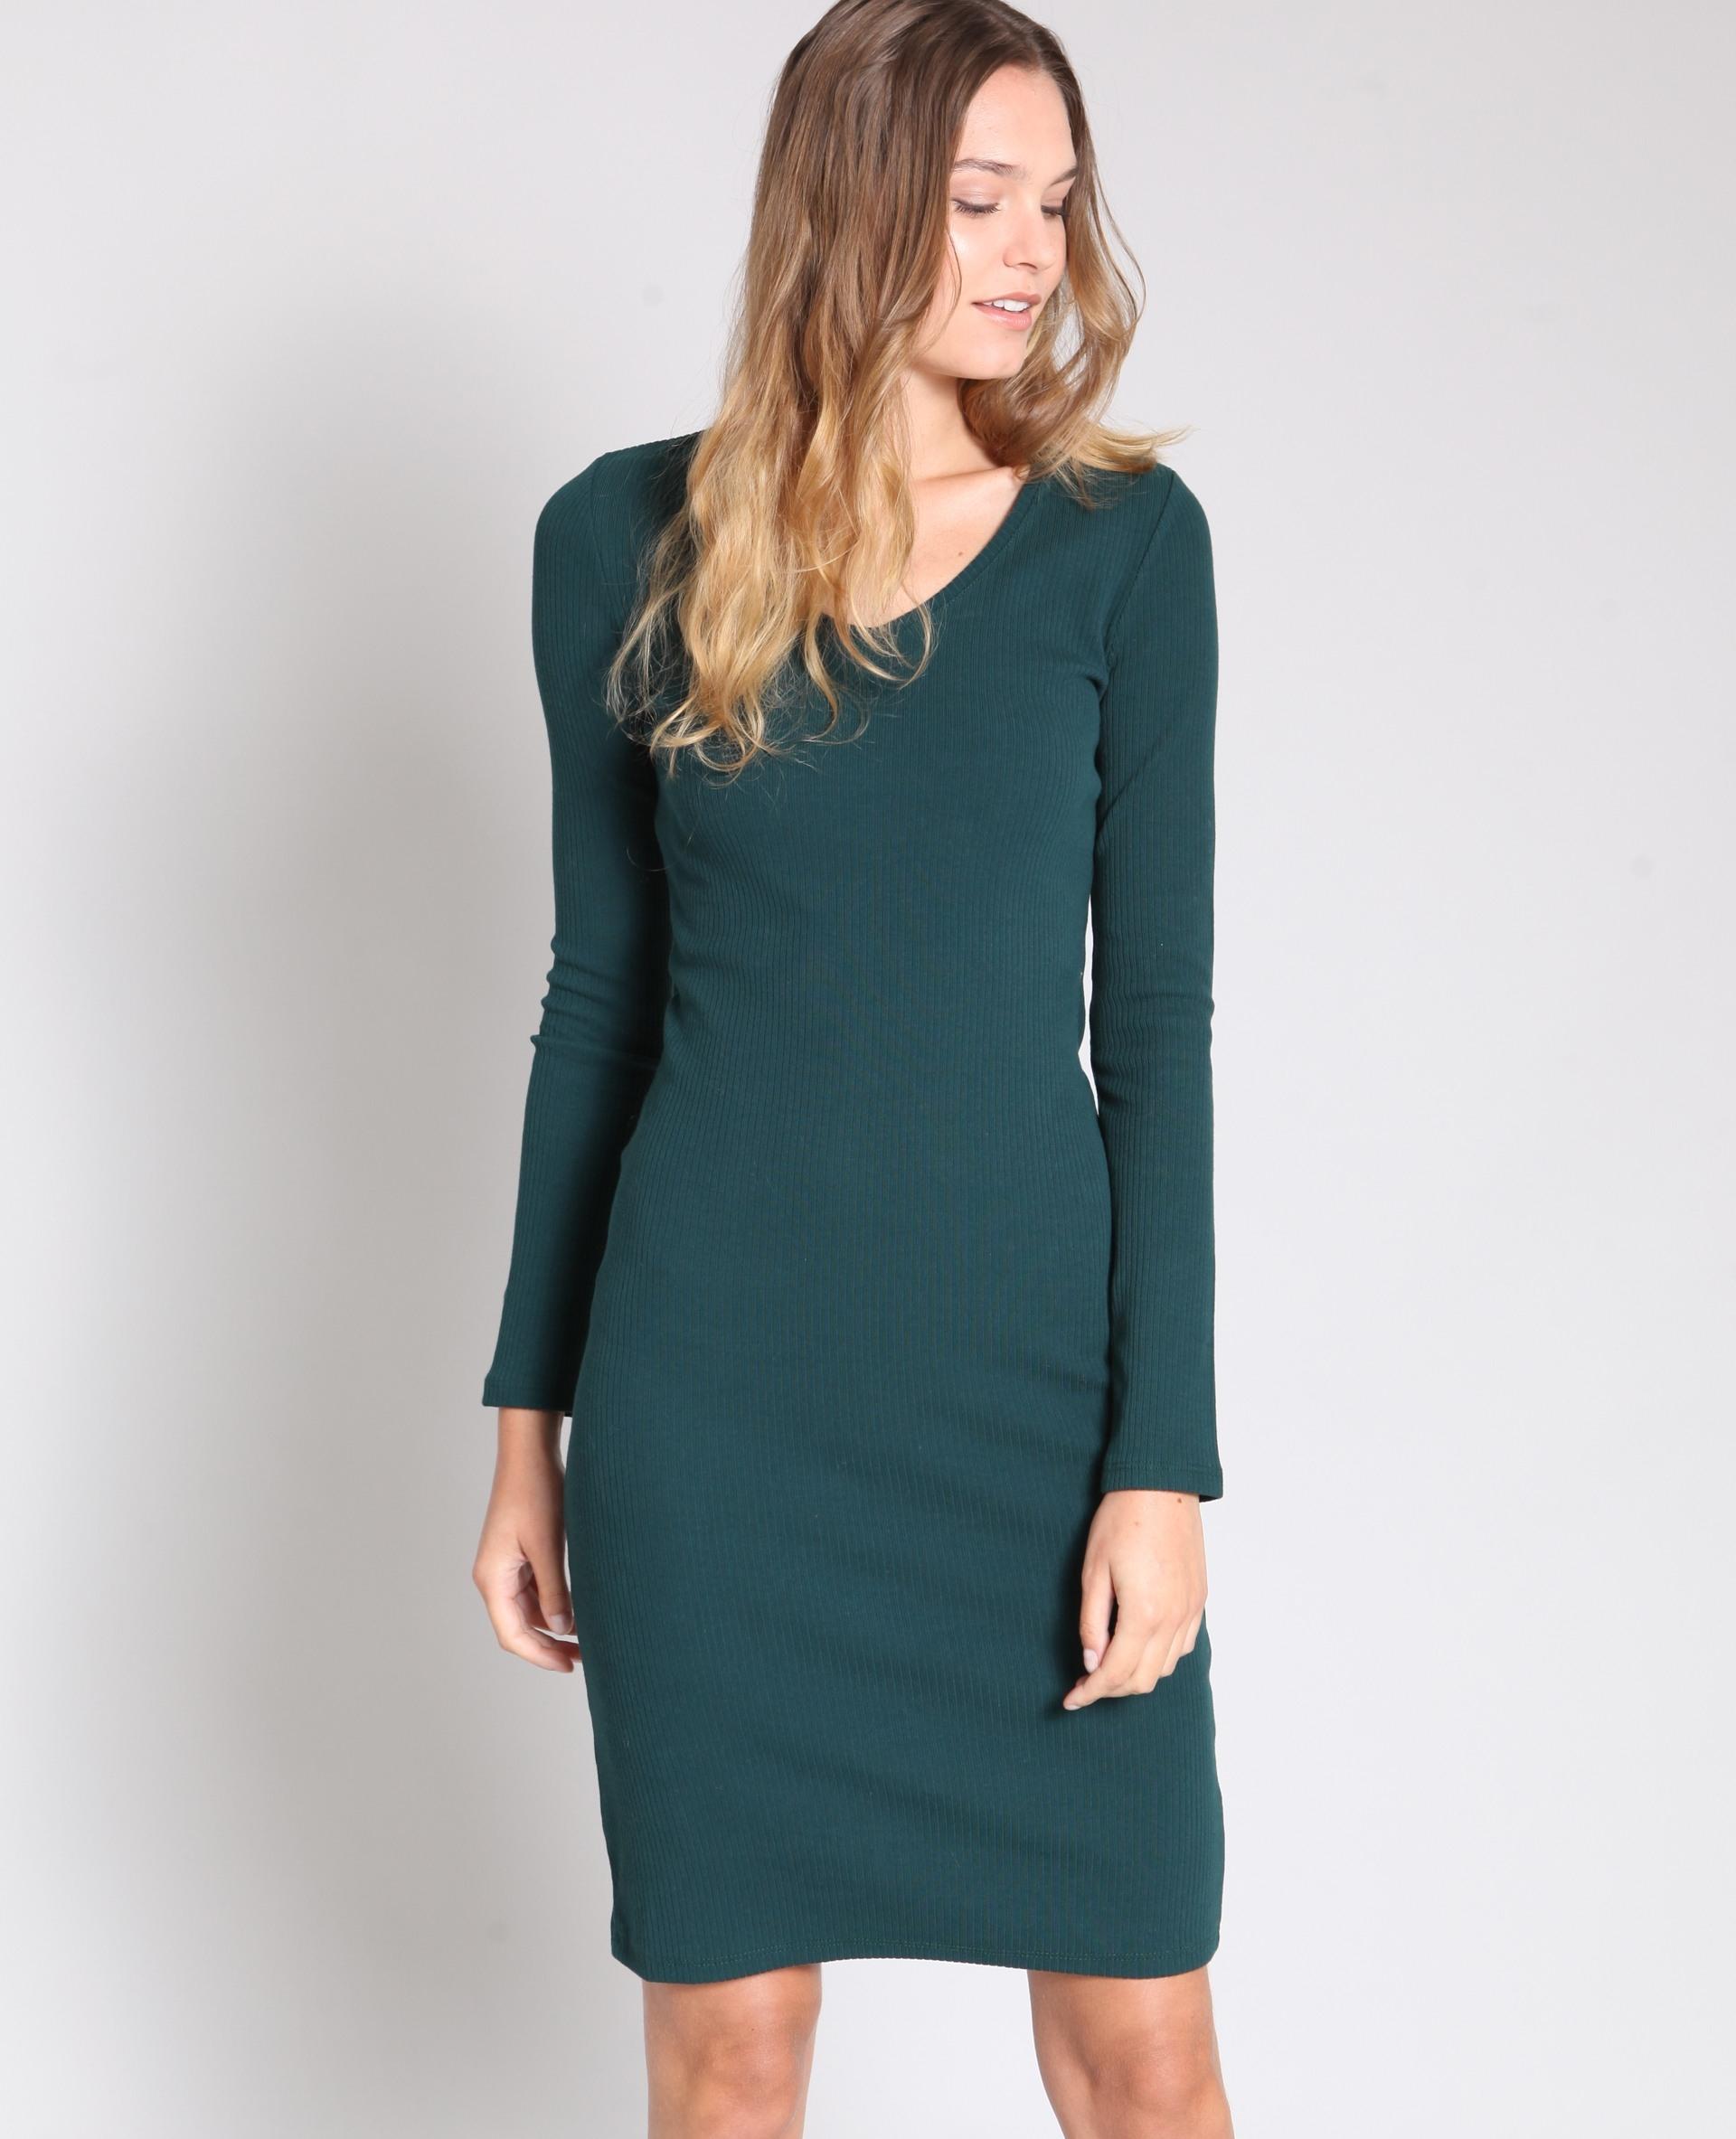 10 Ausgezeichnet Kleid Eng Bester Preis13 Genial Kleid Eng Stylish